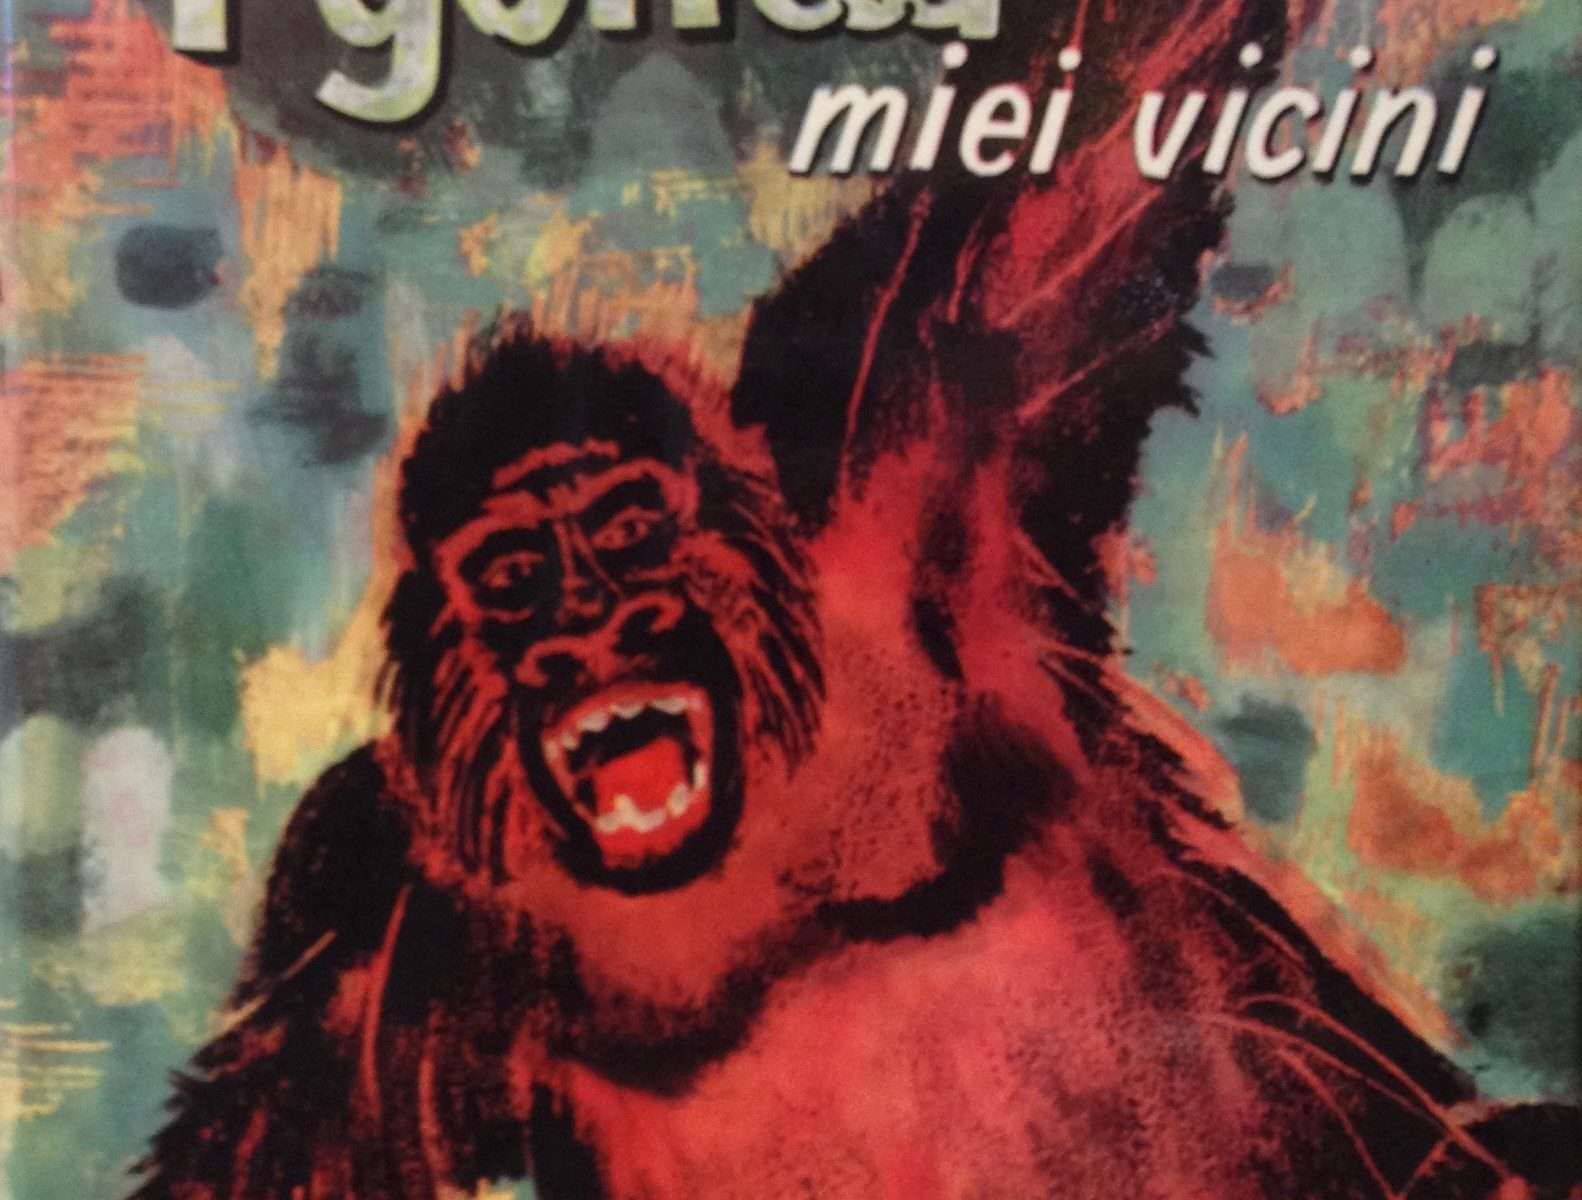 I GORILLA MIEI VICINI  <BR/>Fred Merfield